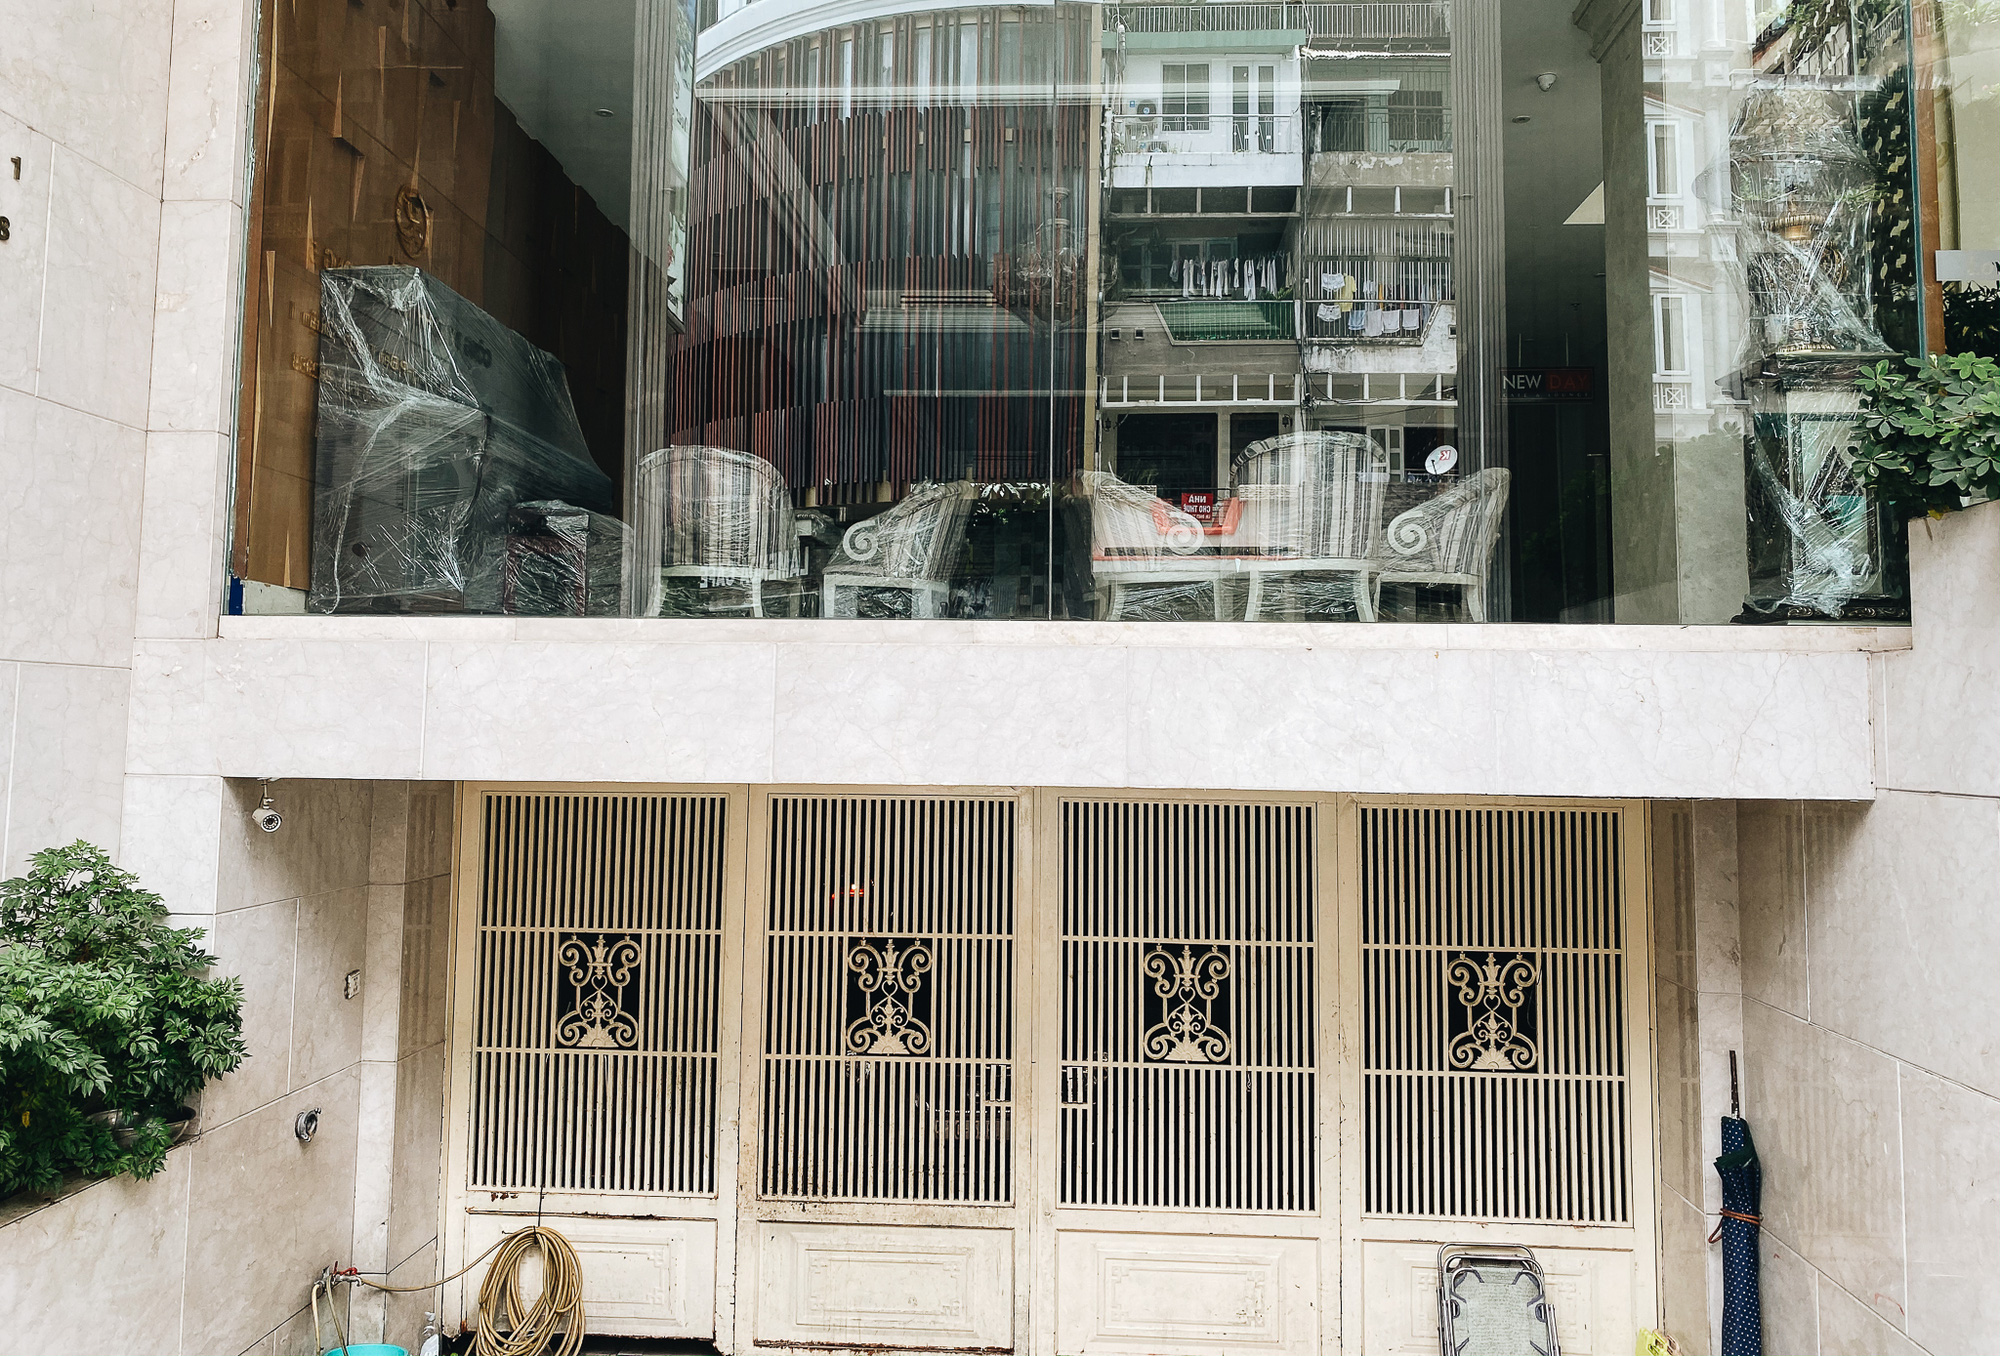 Chùm ảnh: Khách sạn ở trung tâm Sài Gòn ngừng hoạt động, rao bán vì ngấm đòn Covid-19 - Ảnh 5.